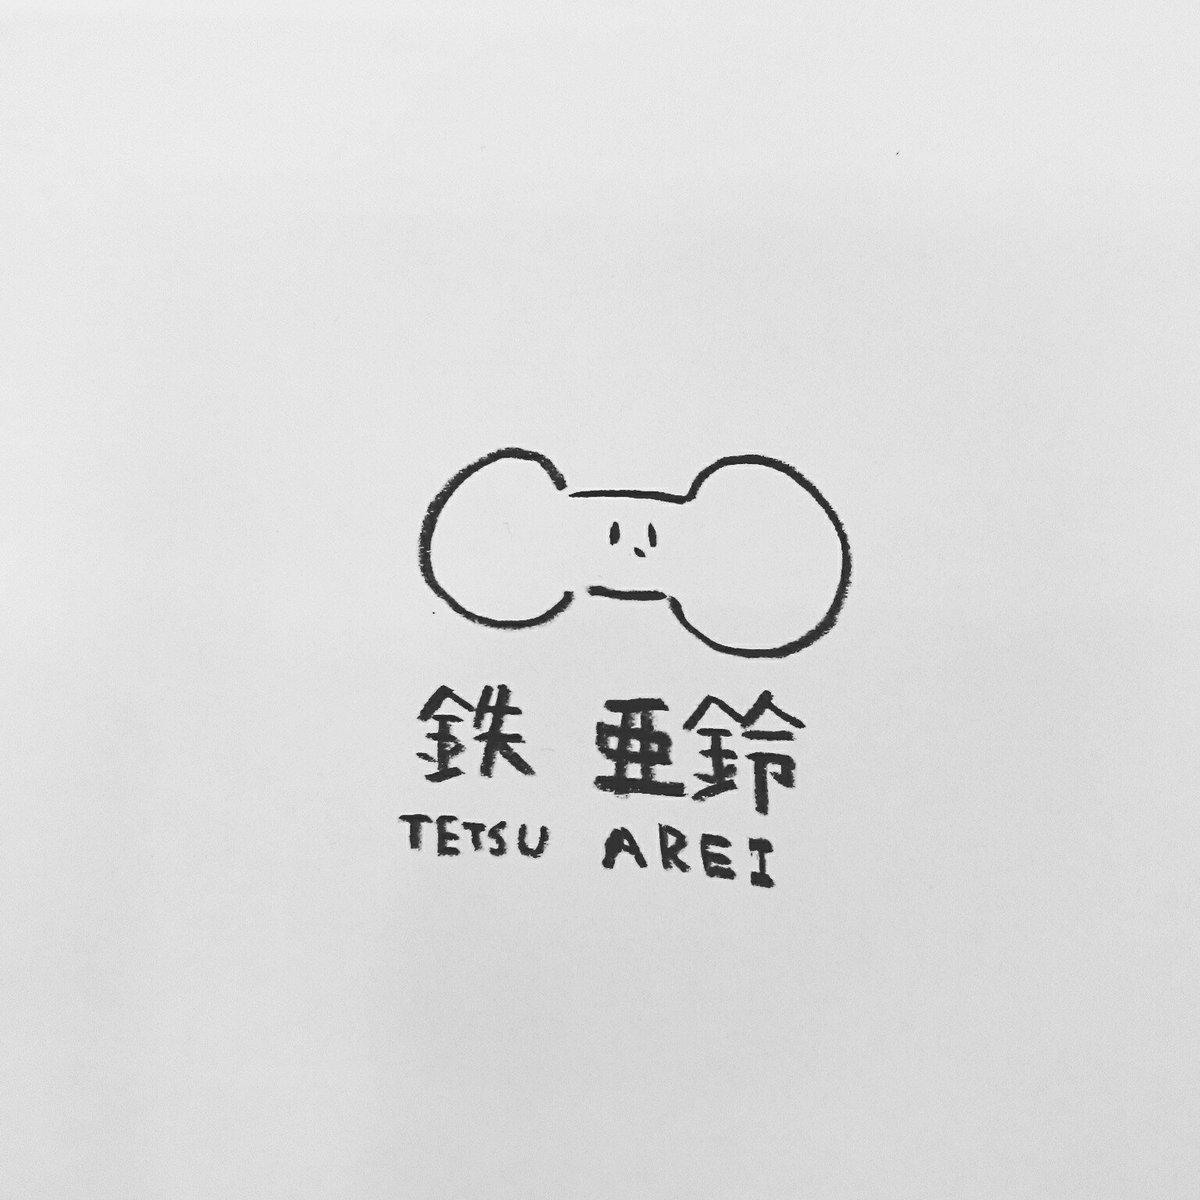 鉄亜鈴 - Twitter Search